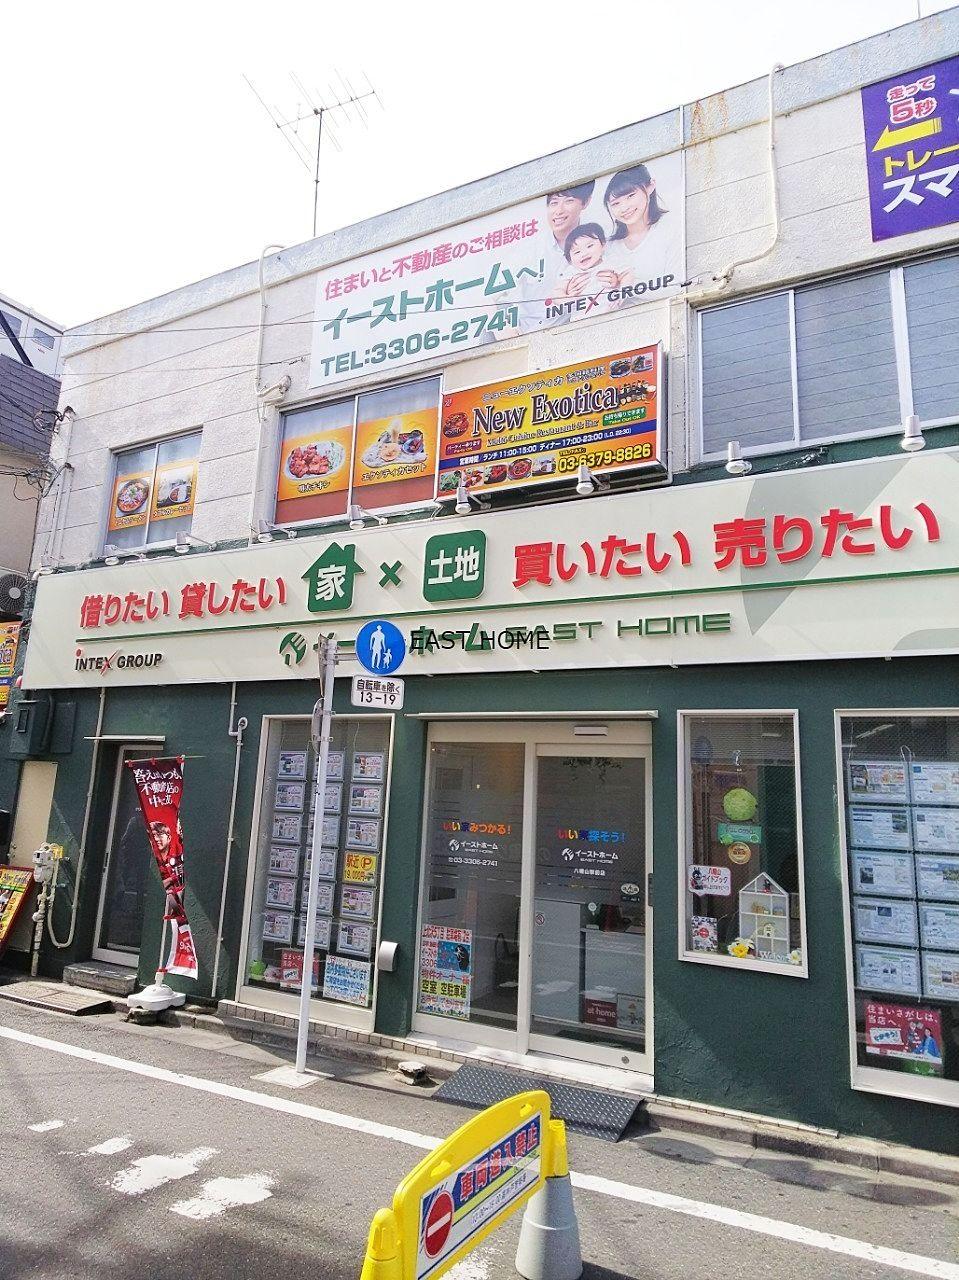 京王線八幡山駅 徒歩20秒 イーストホームの外観写真です